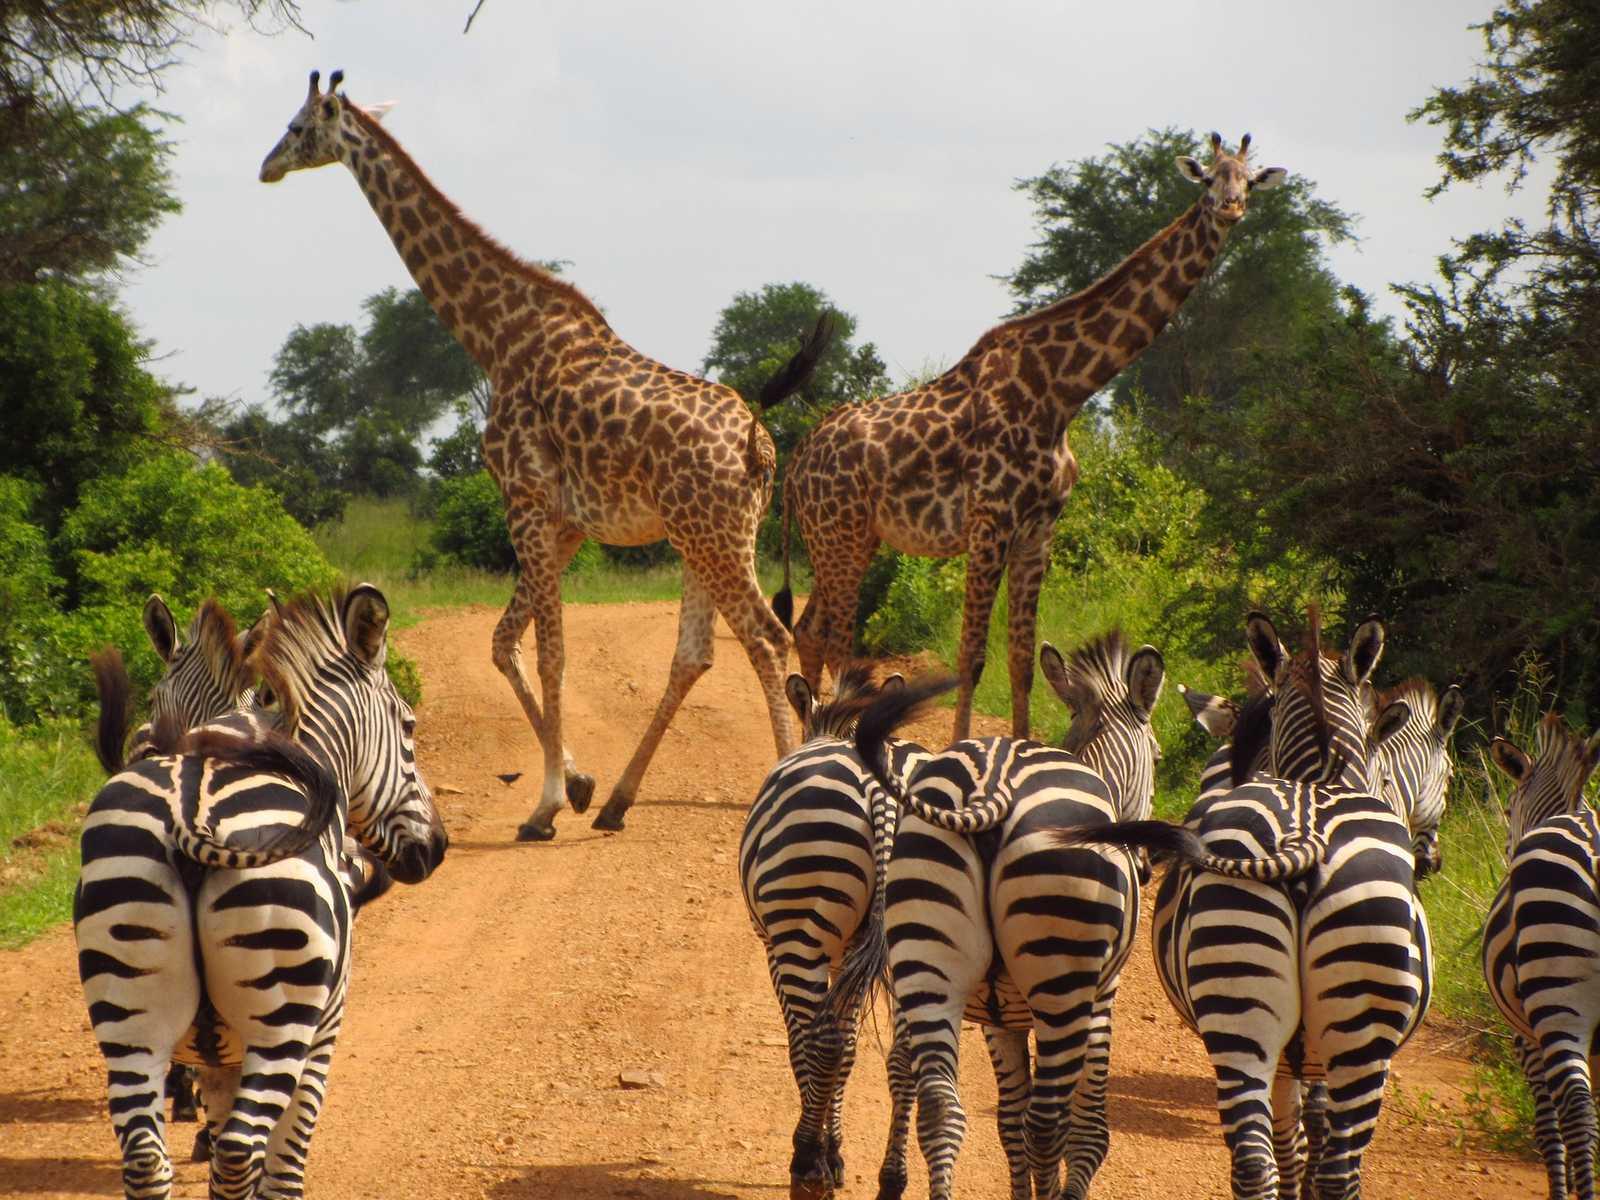 b3nharris-zebras-giraffs-765885-1600x